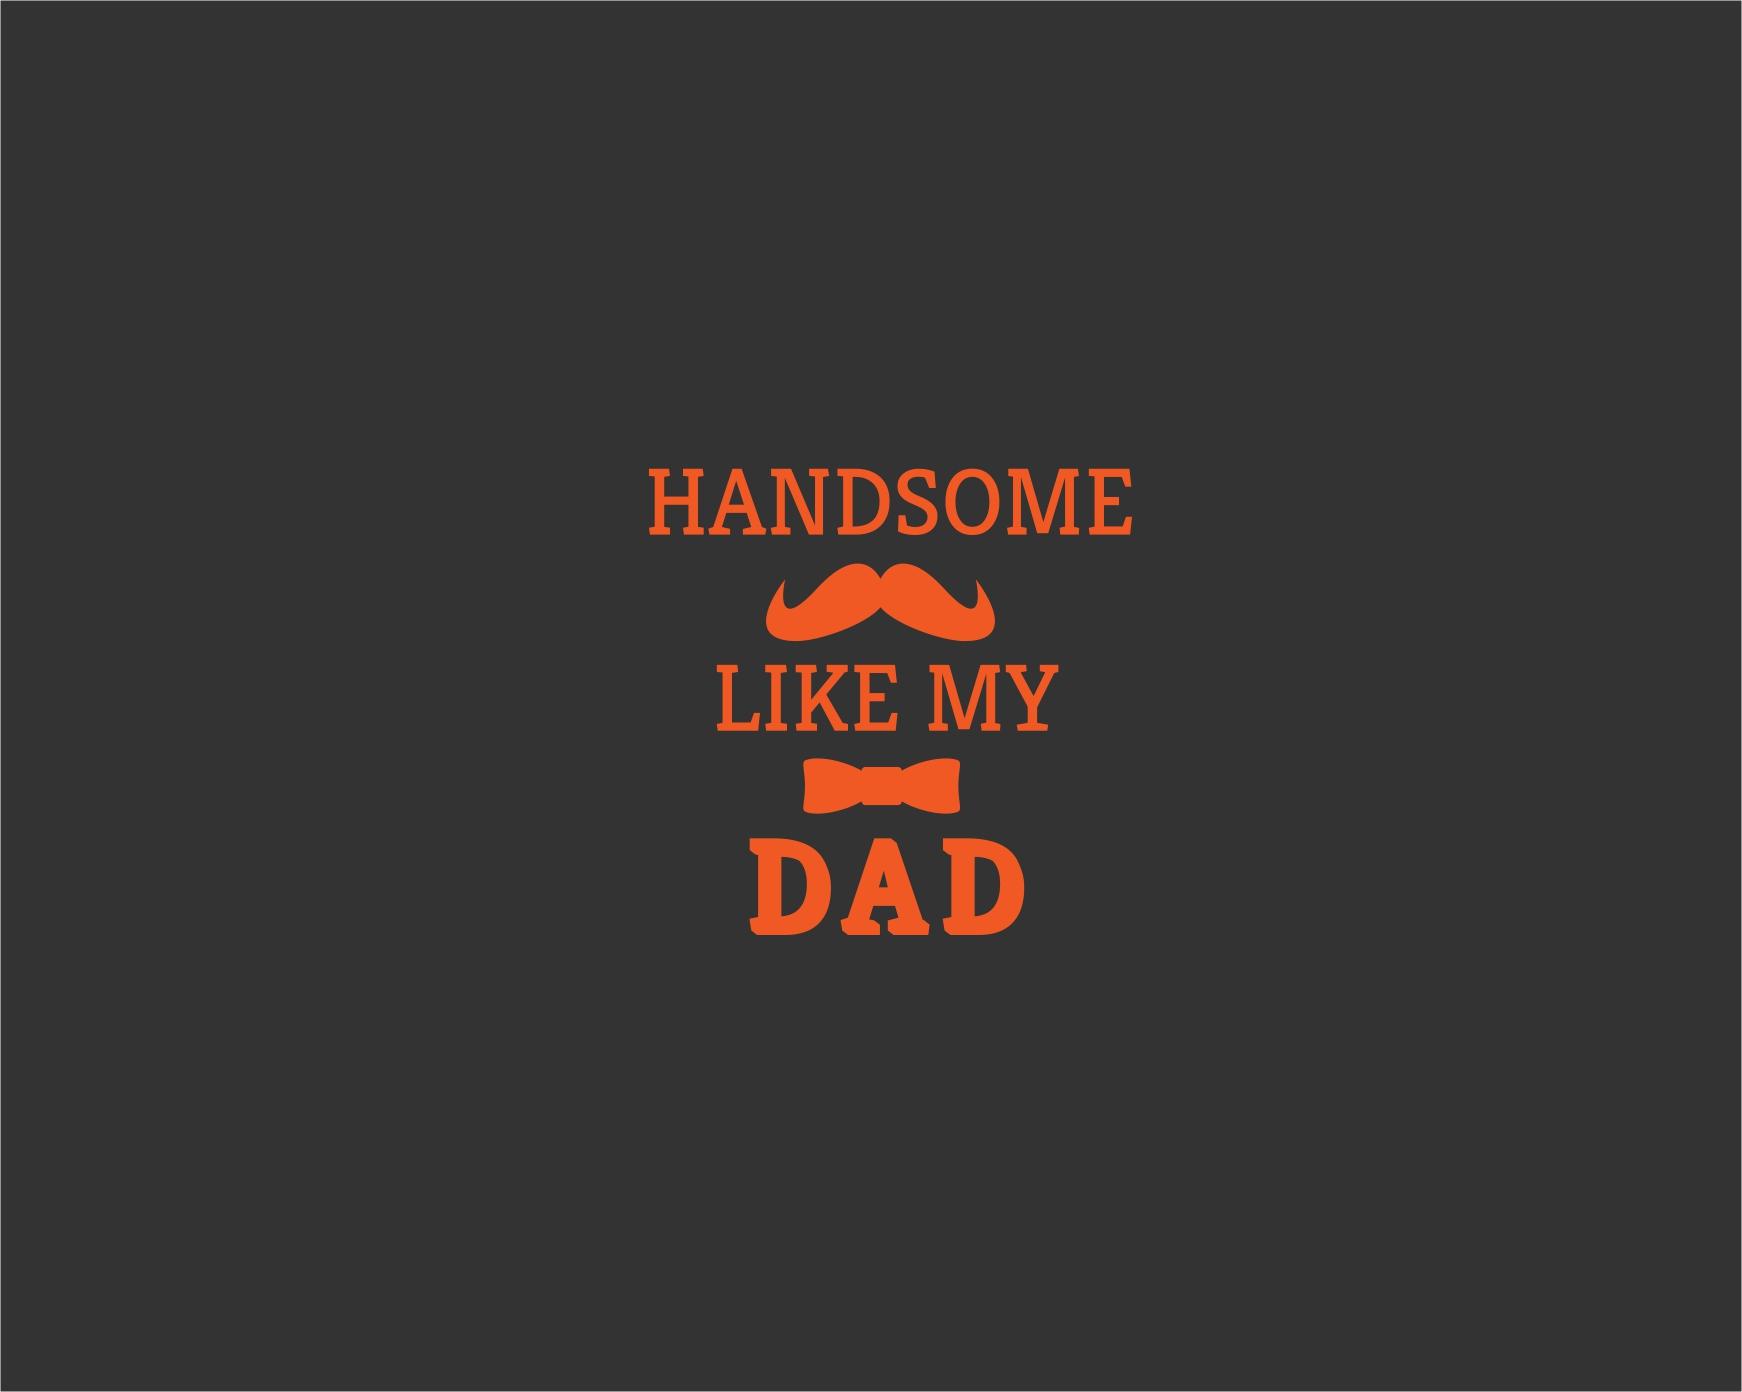 handsome like dad 1.jpg